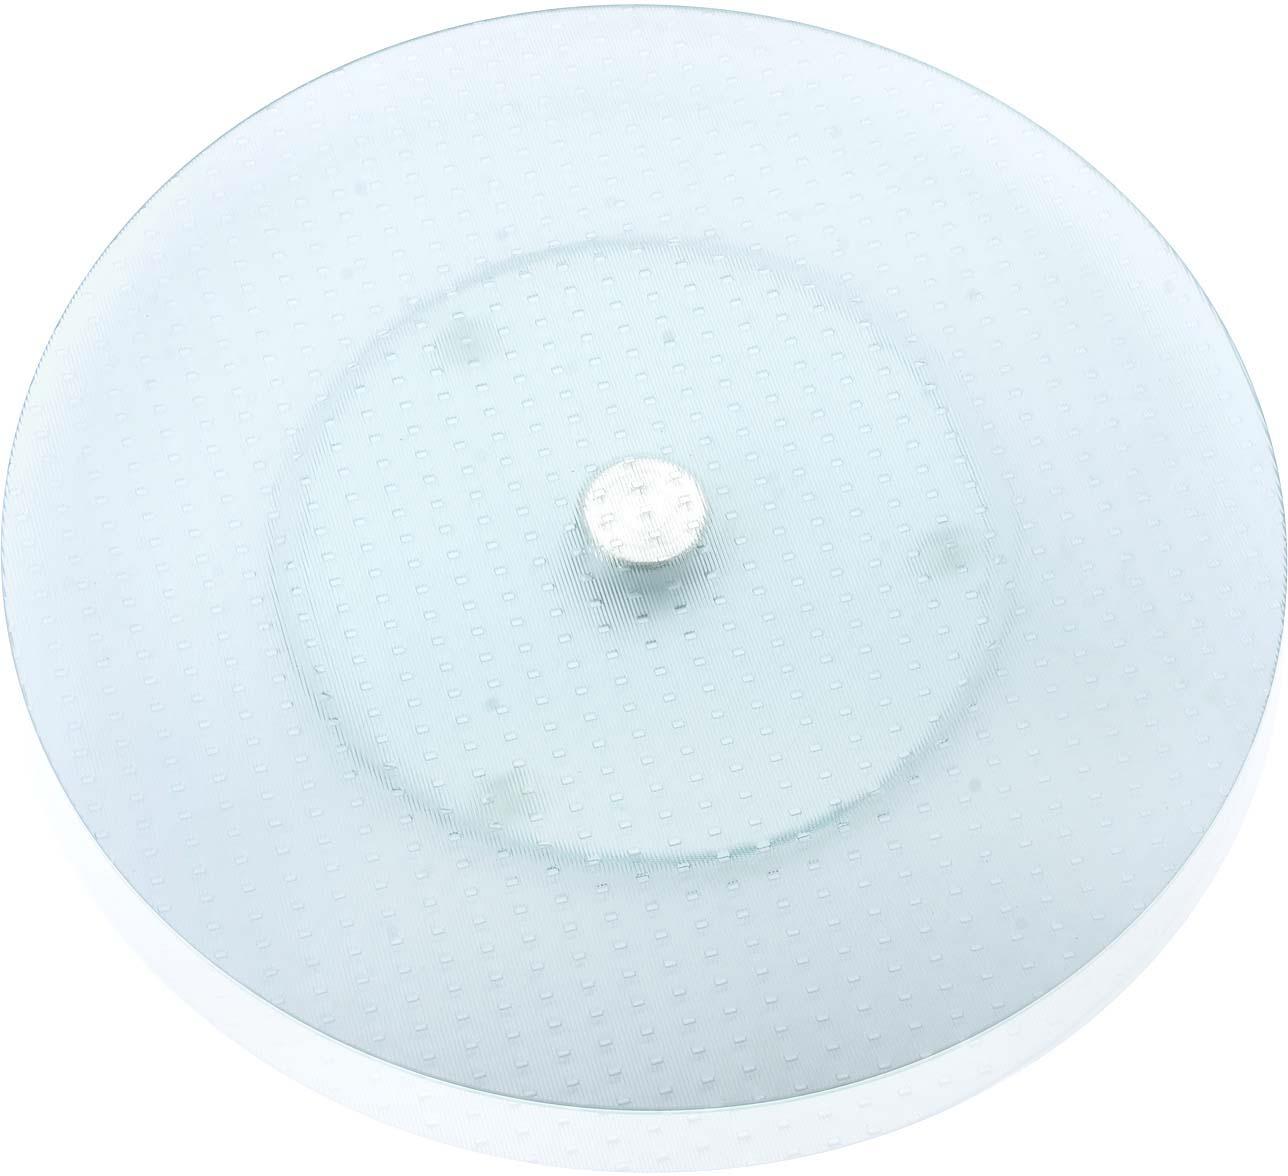 Тортовница Loraine, вращающаяся, цвет: прозрачный, диаметр 35 см